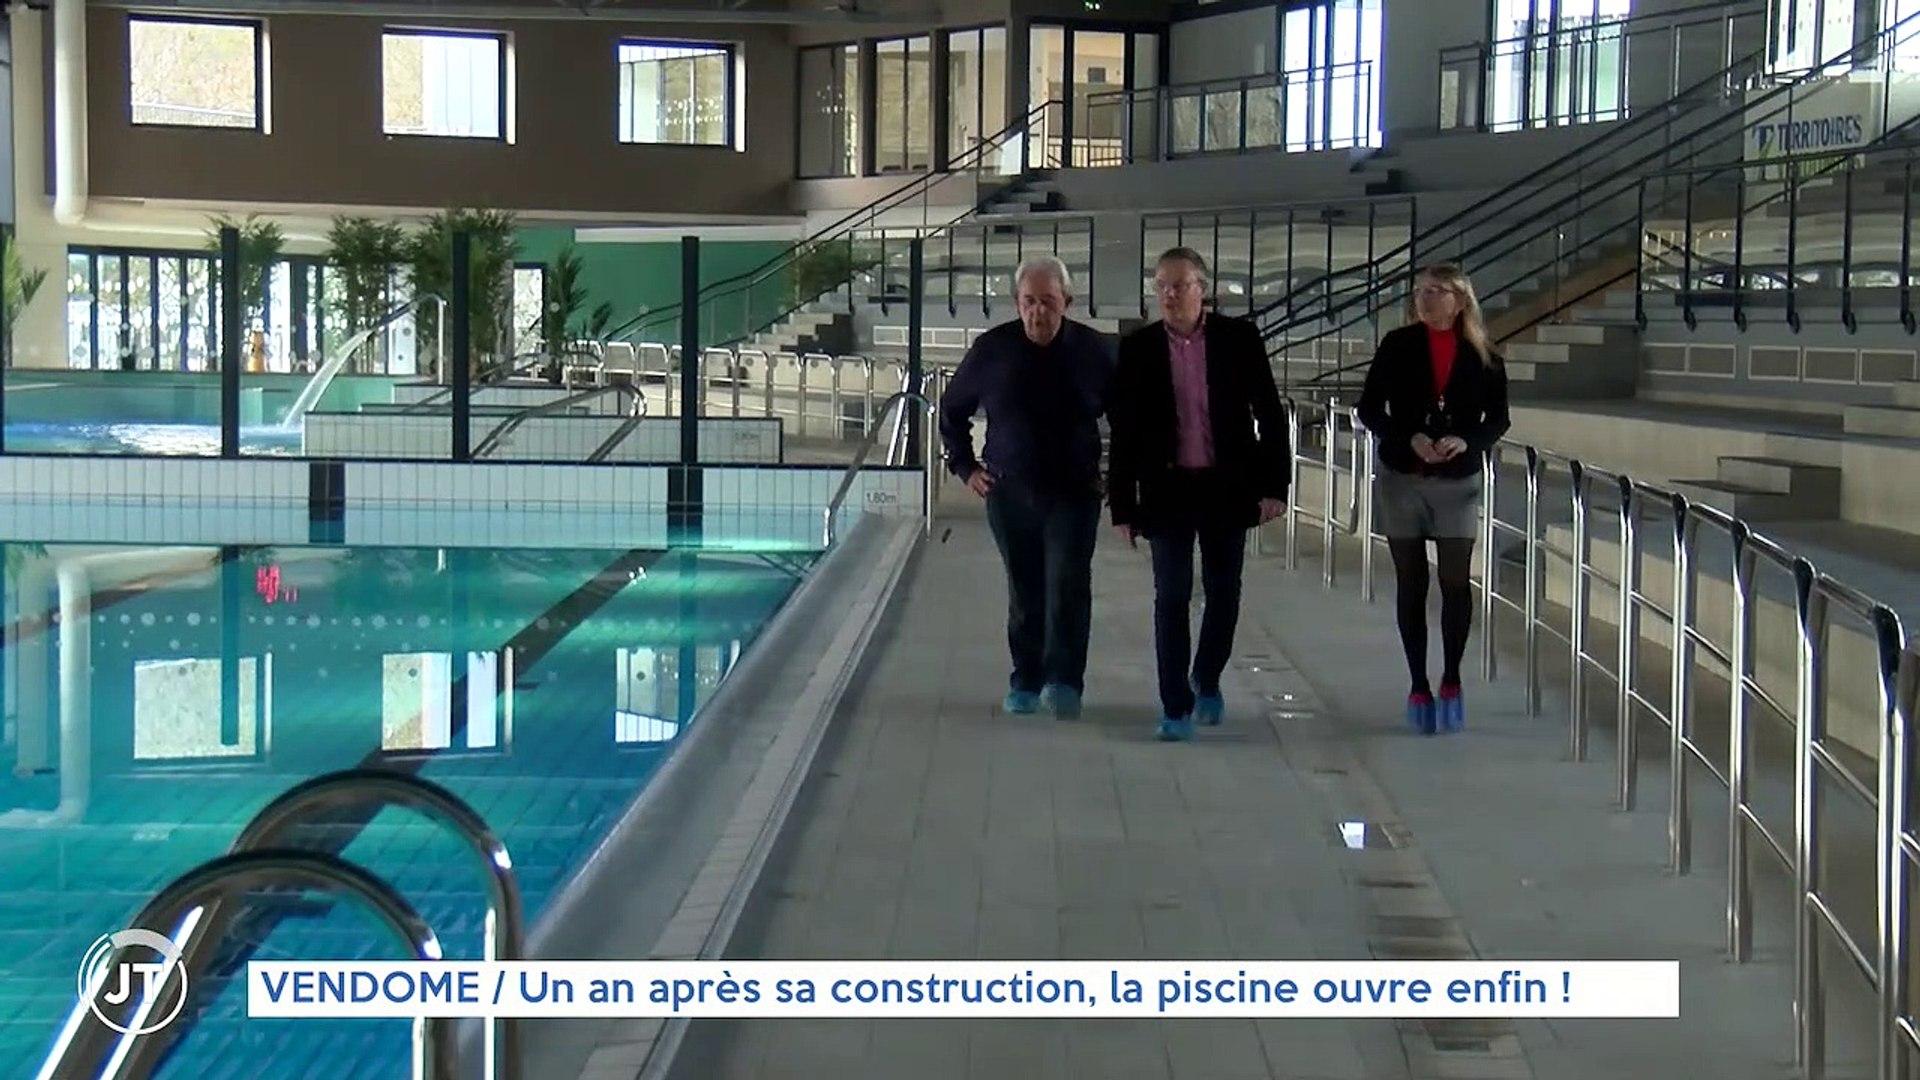 Construction De La Piscine De Vendome vendome un an après sa construction, la piscine ouvre enfin!